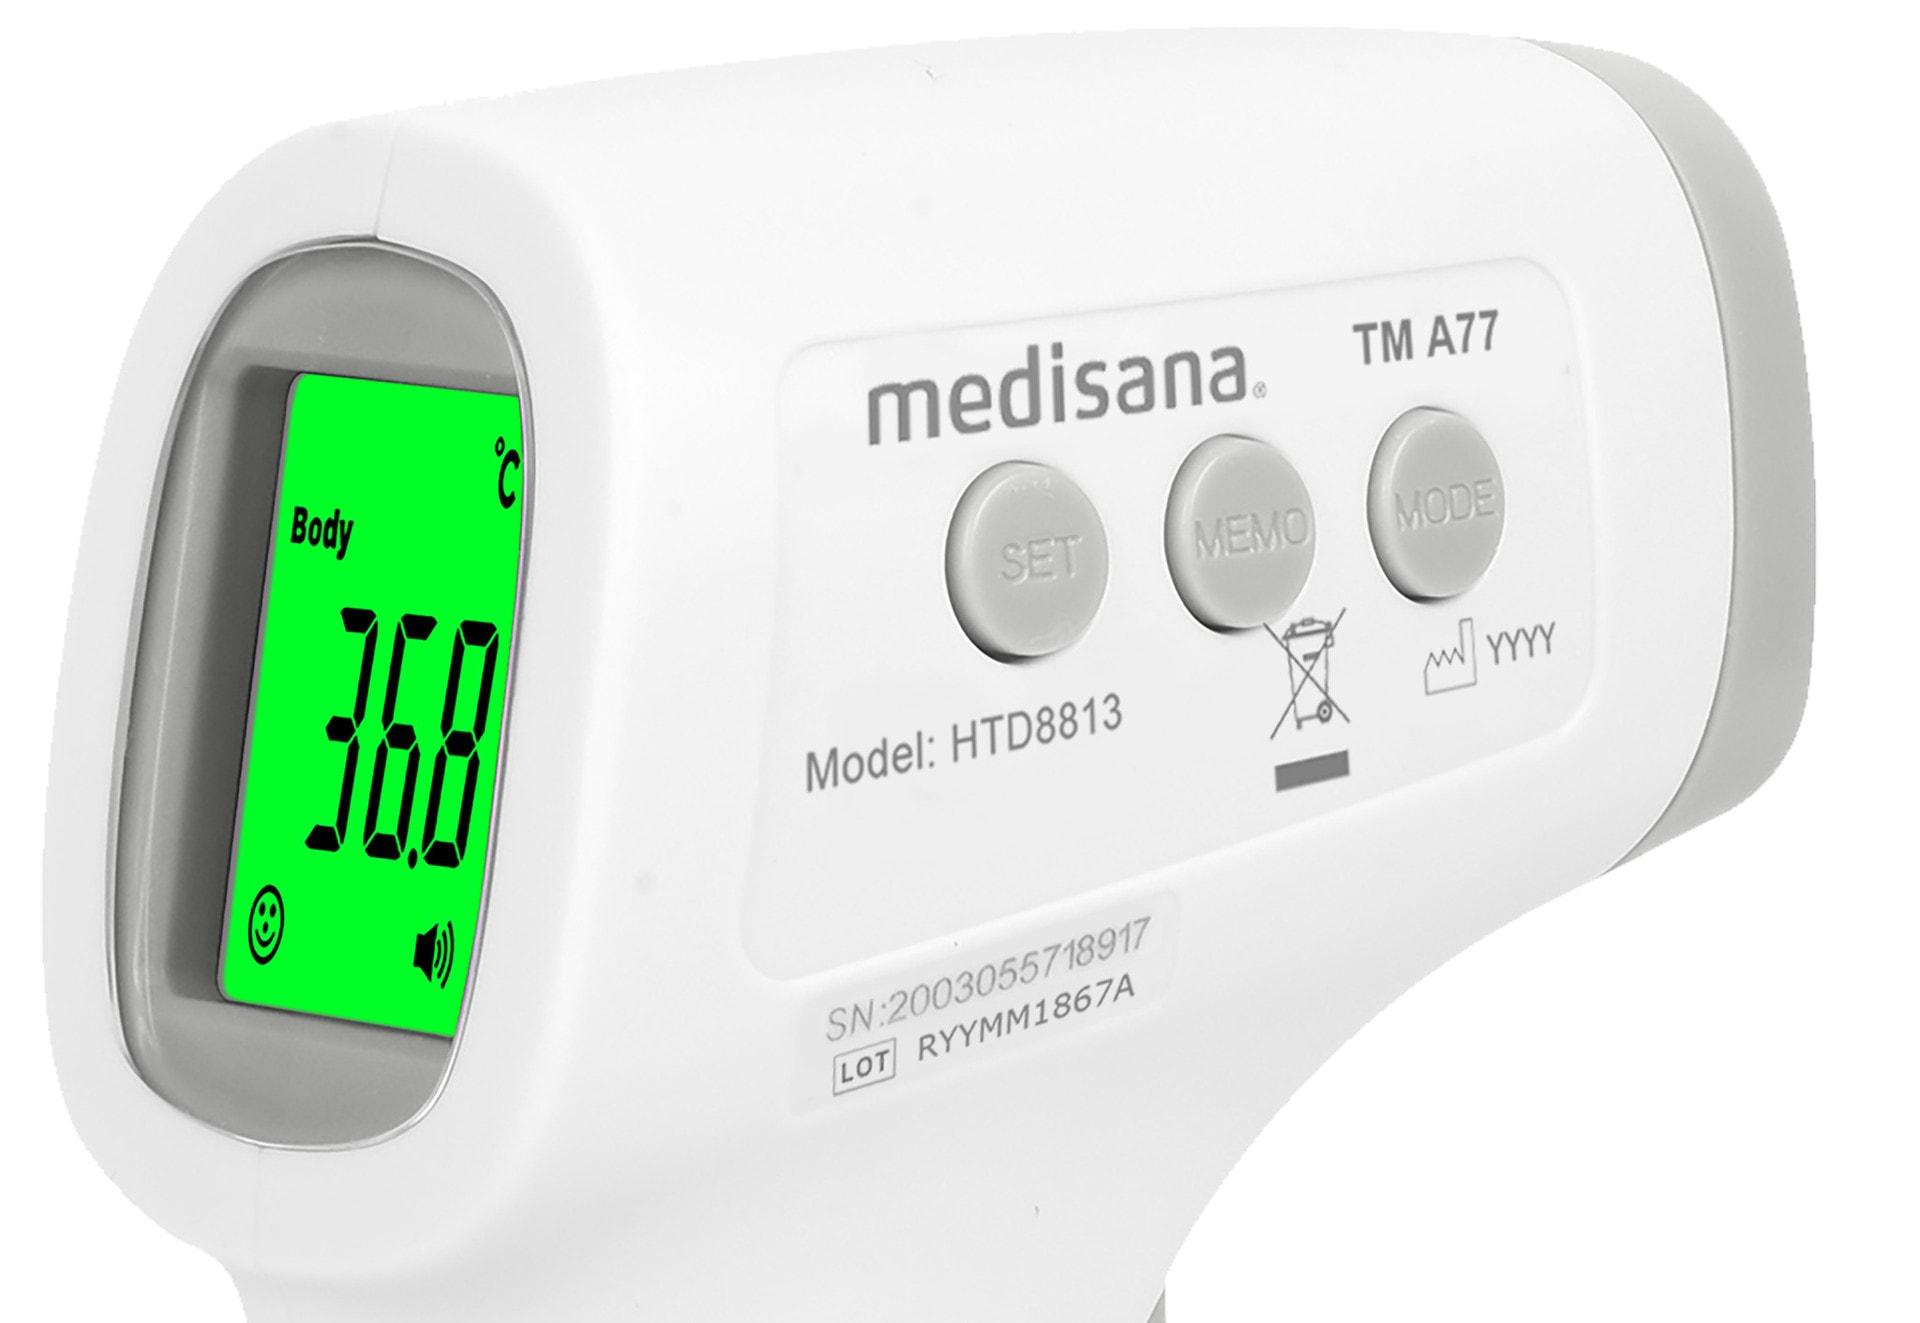 Medisana Tma77 close-up